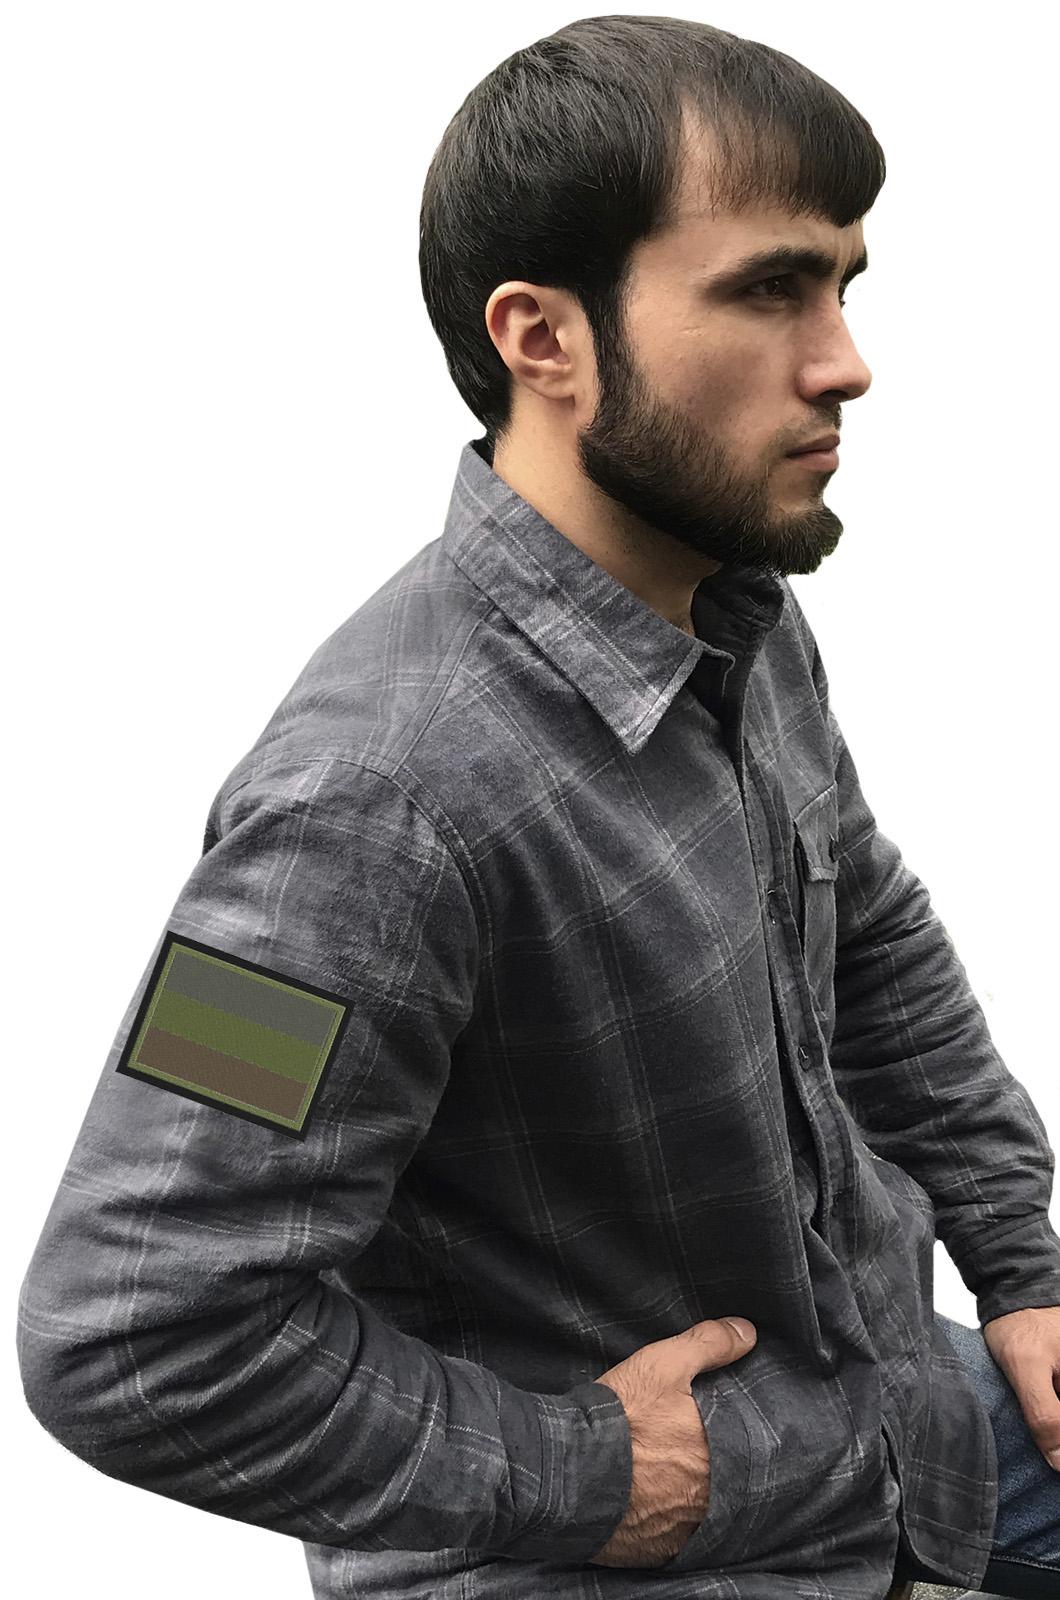 Рубашка мужская с вышитым темным полевым шевроном Россия - купить выгодно